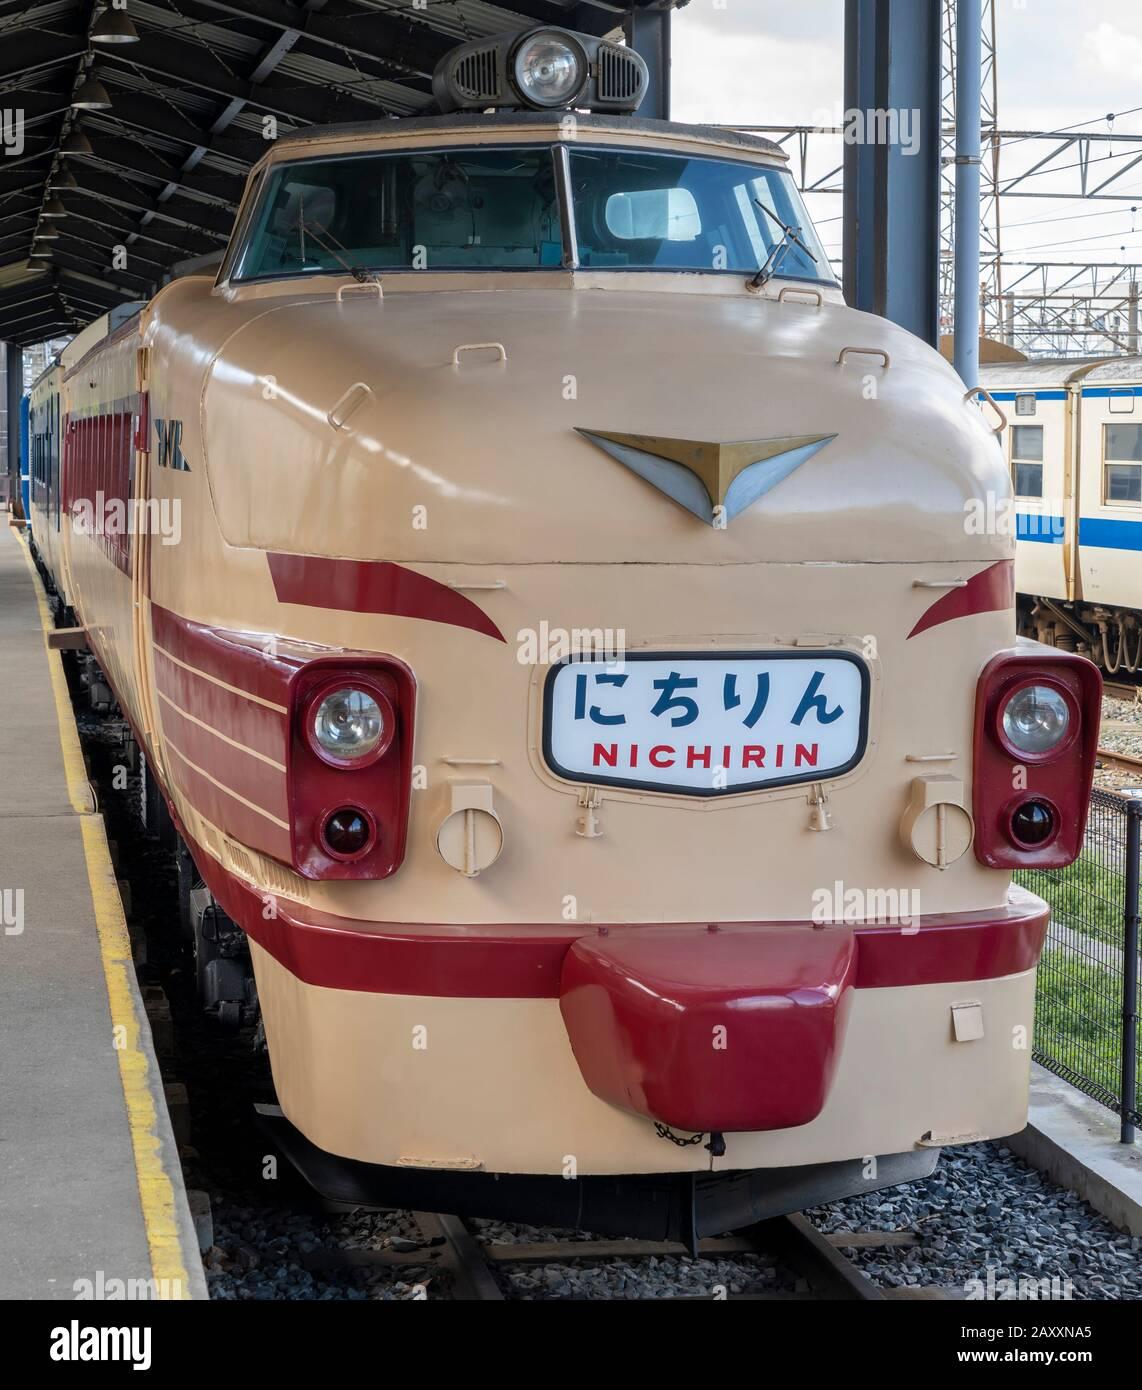 A JNR 481 Series Nichirin train at the Kyushu Railway History Museum in Kitakyushu, Japan. Stock Photo